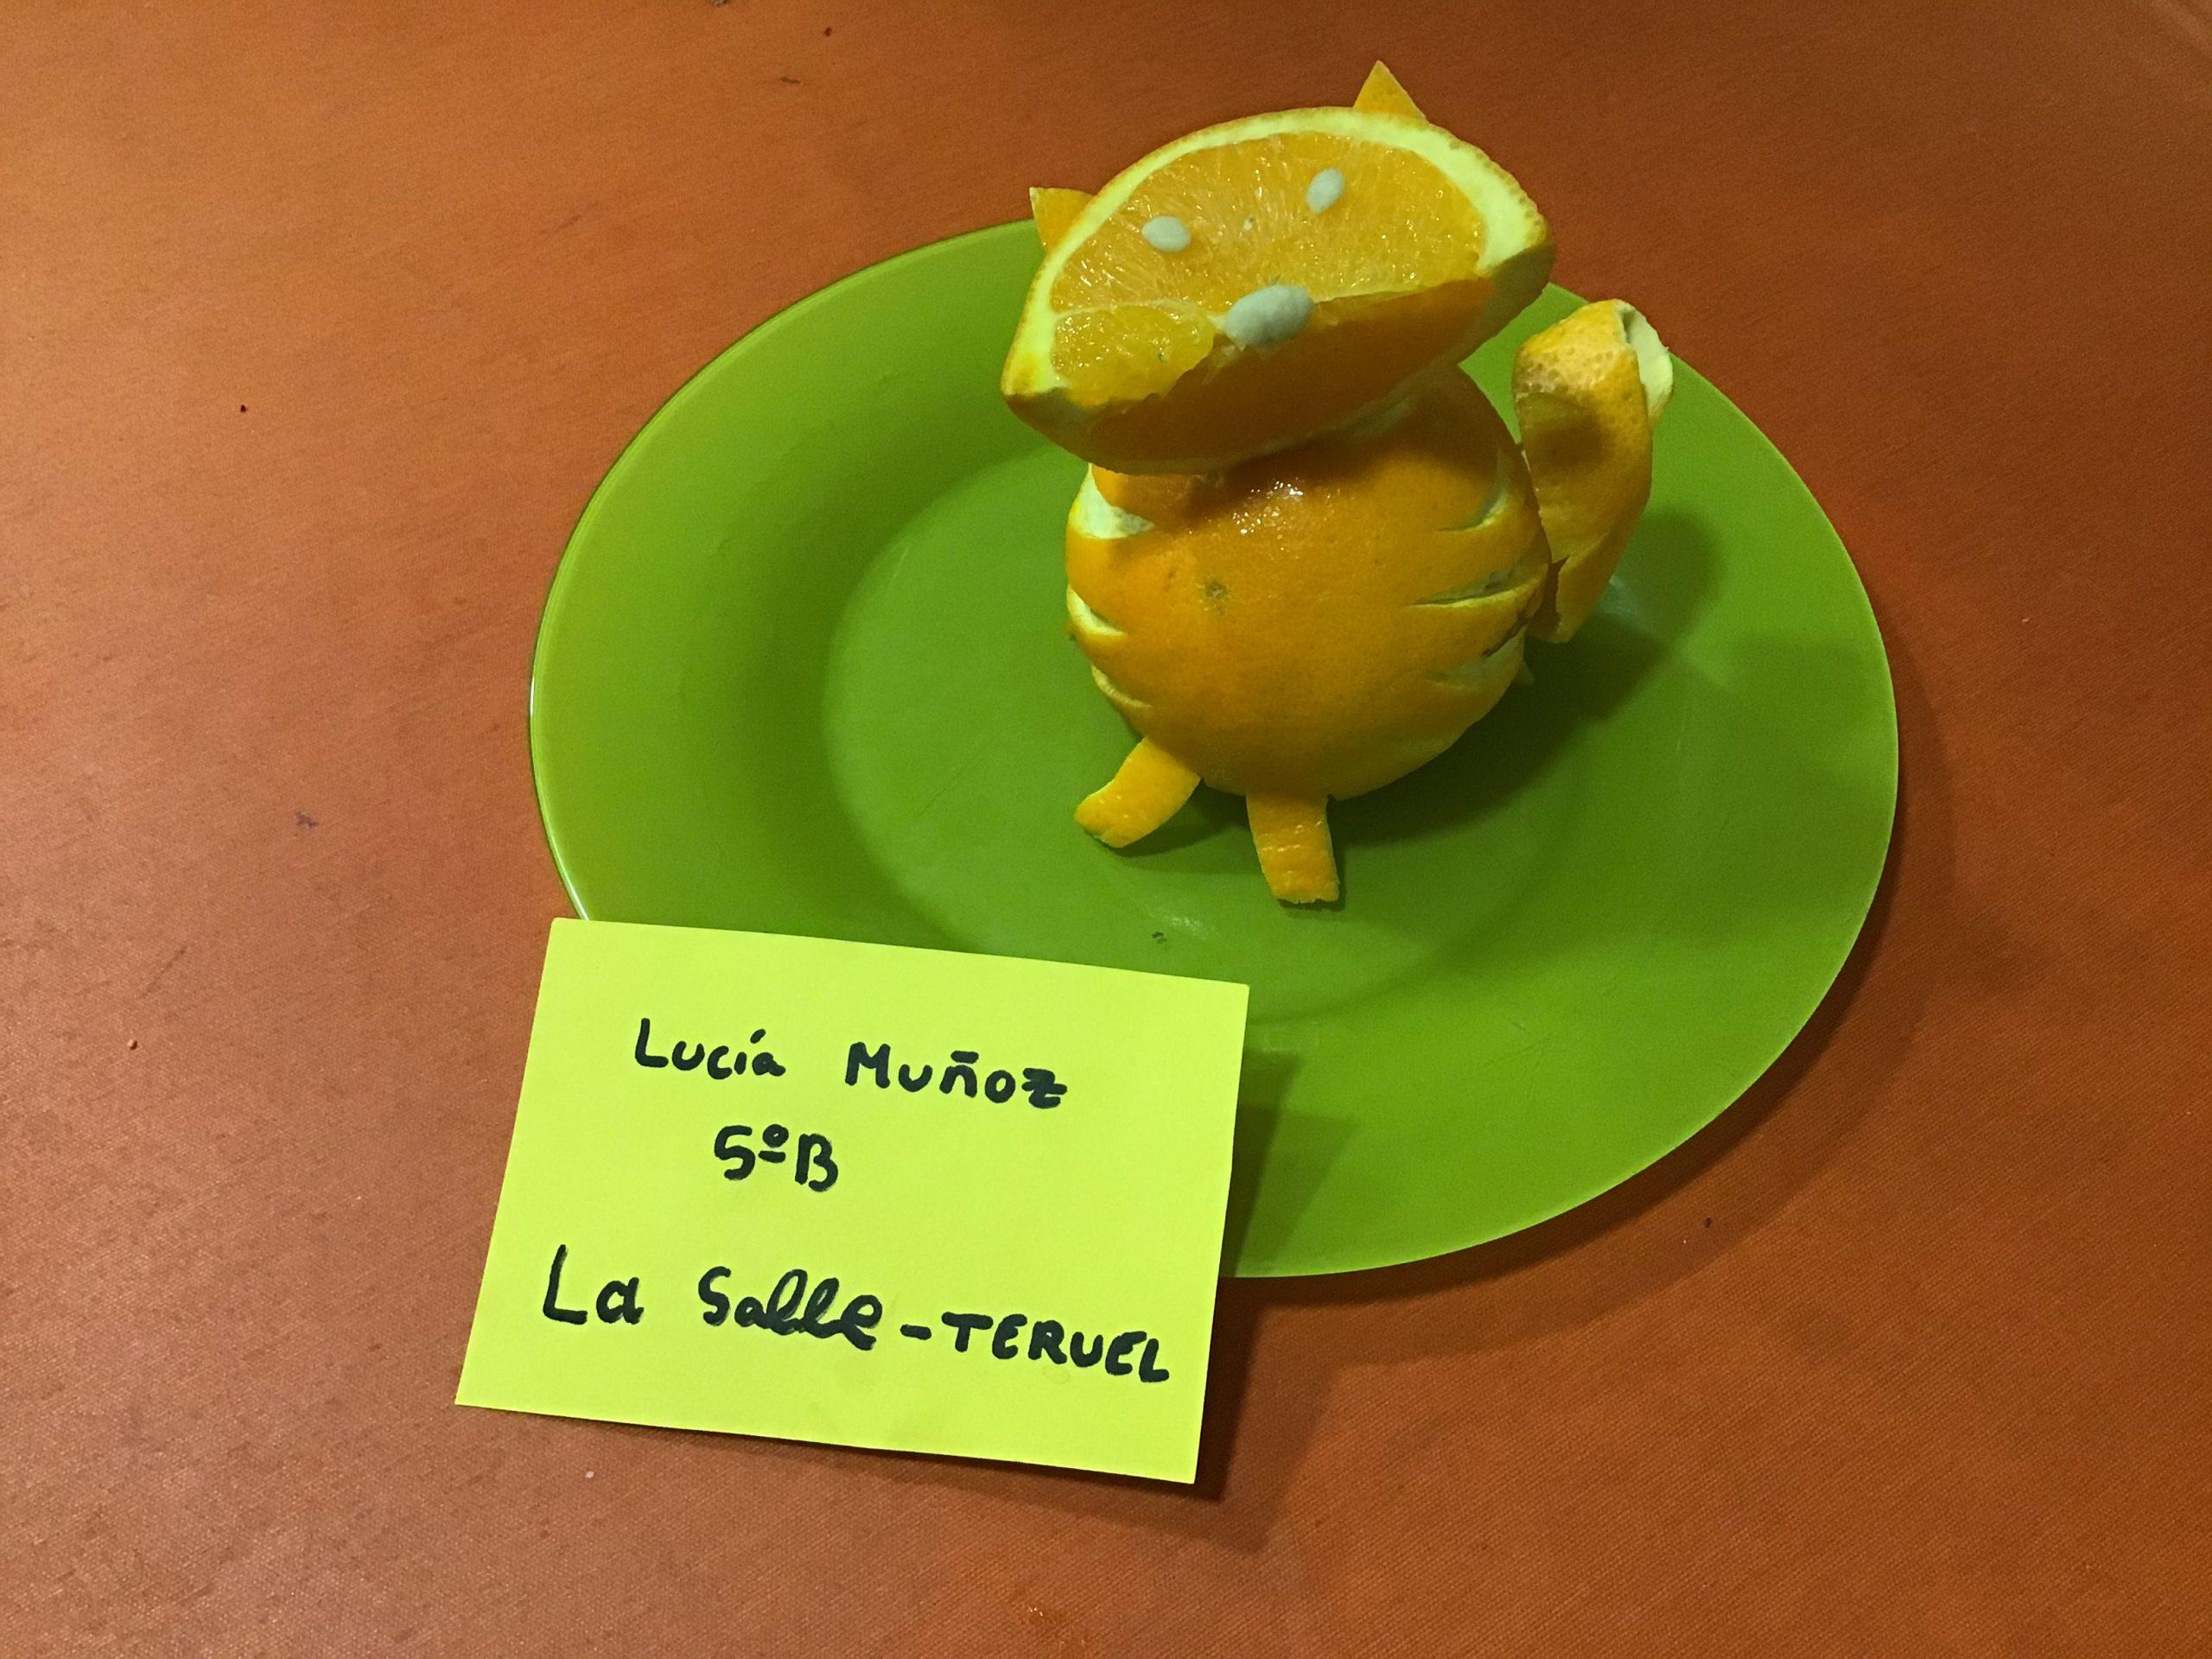 Lucía La Salle Teruel 0108